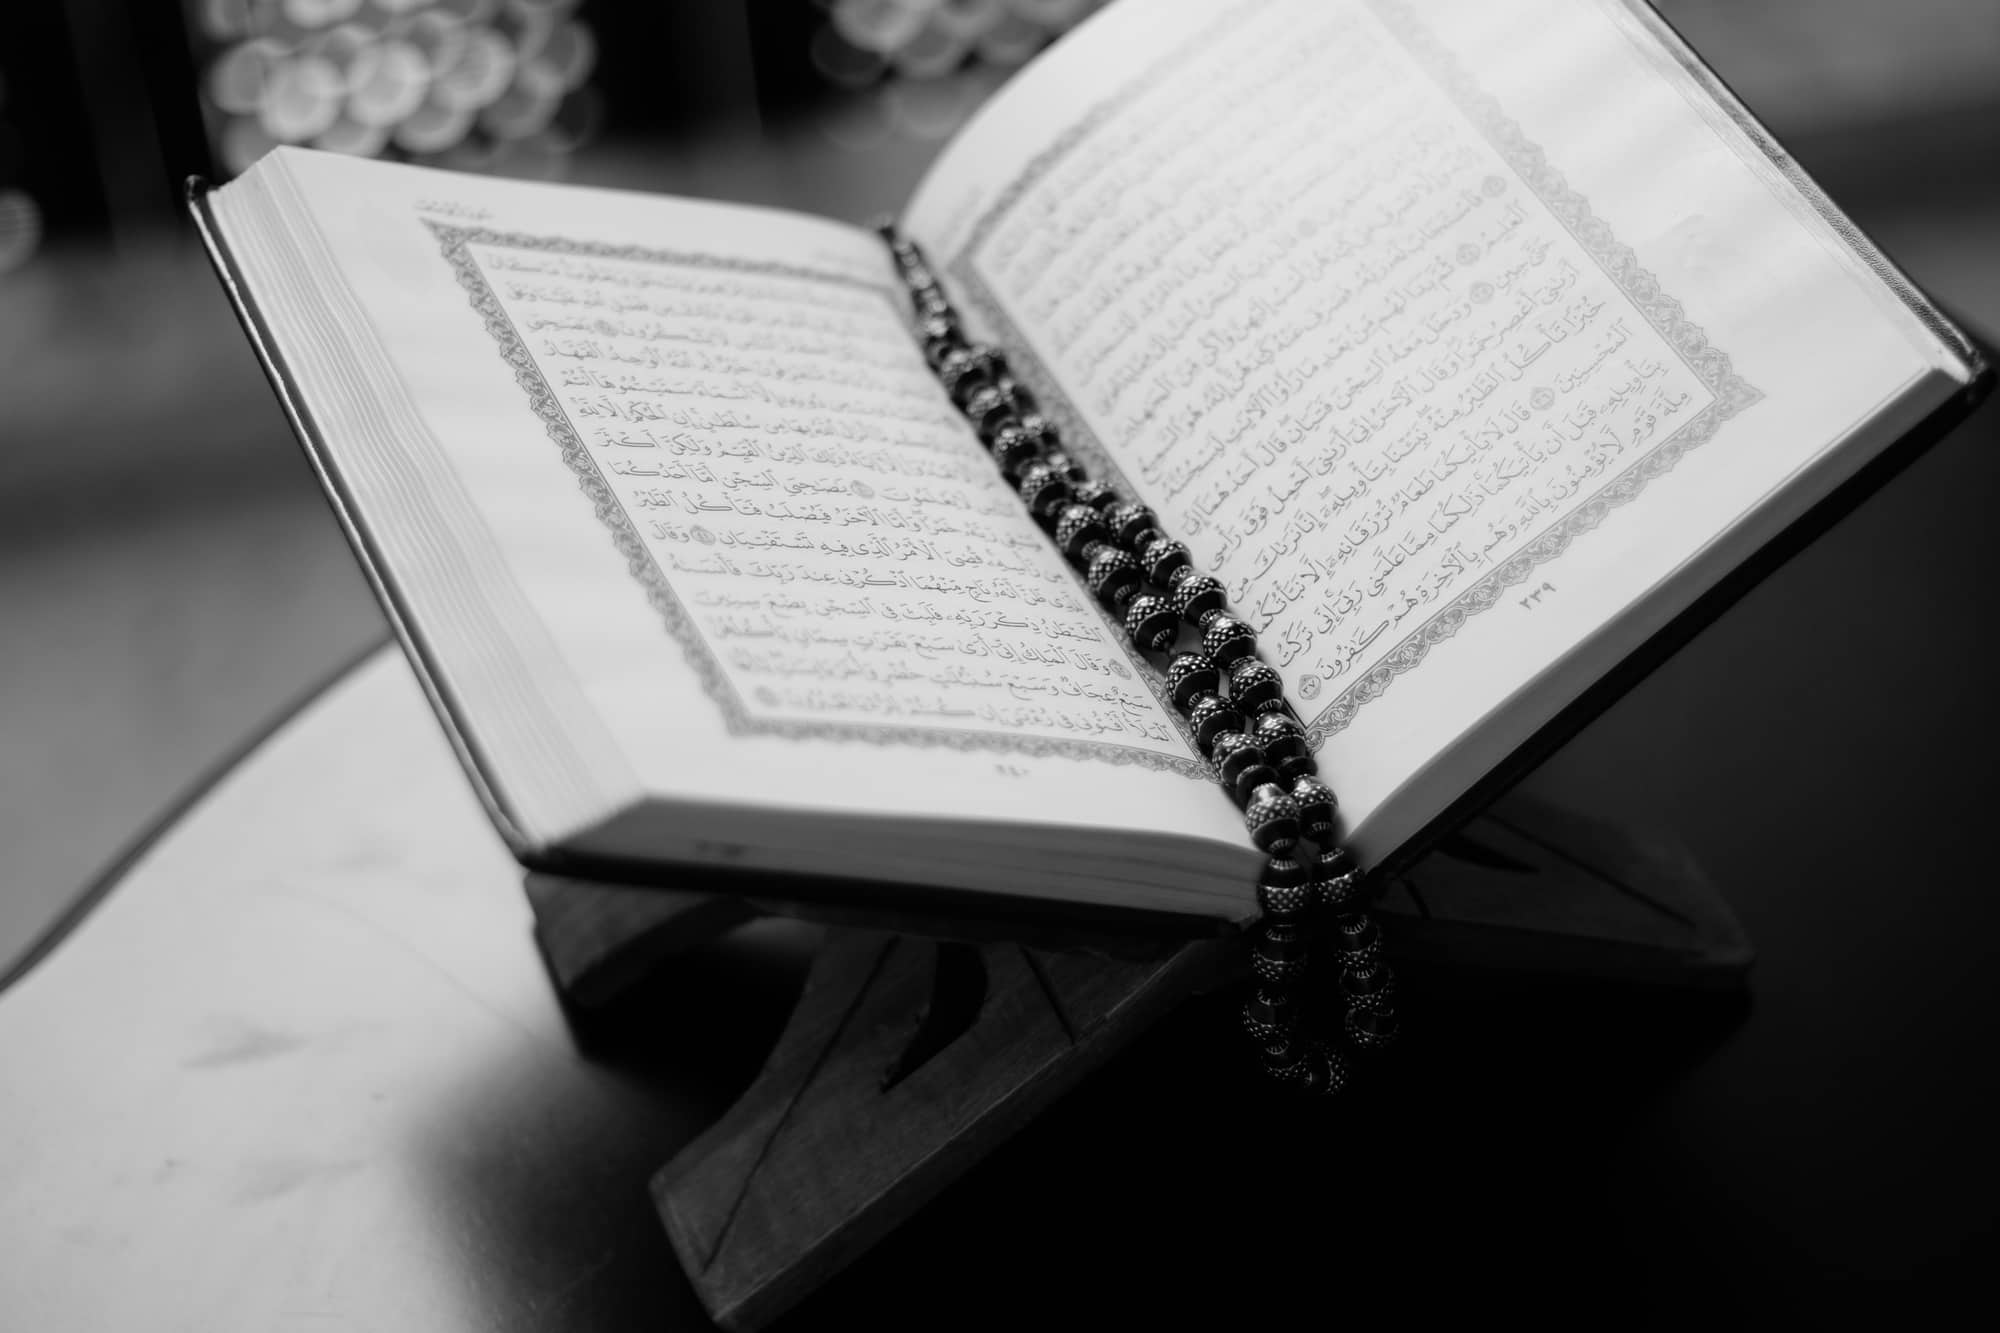 علاج الخوف من الموت بالقرآن الكريم